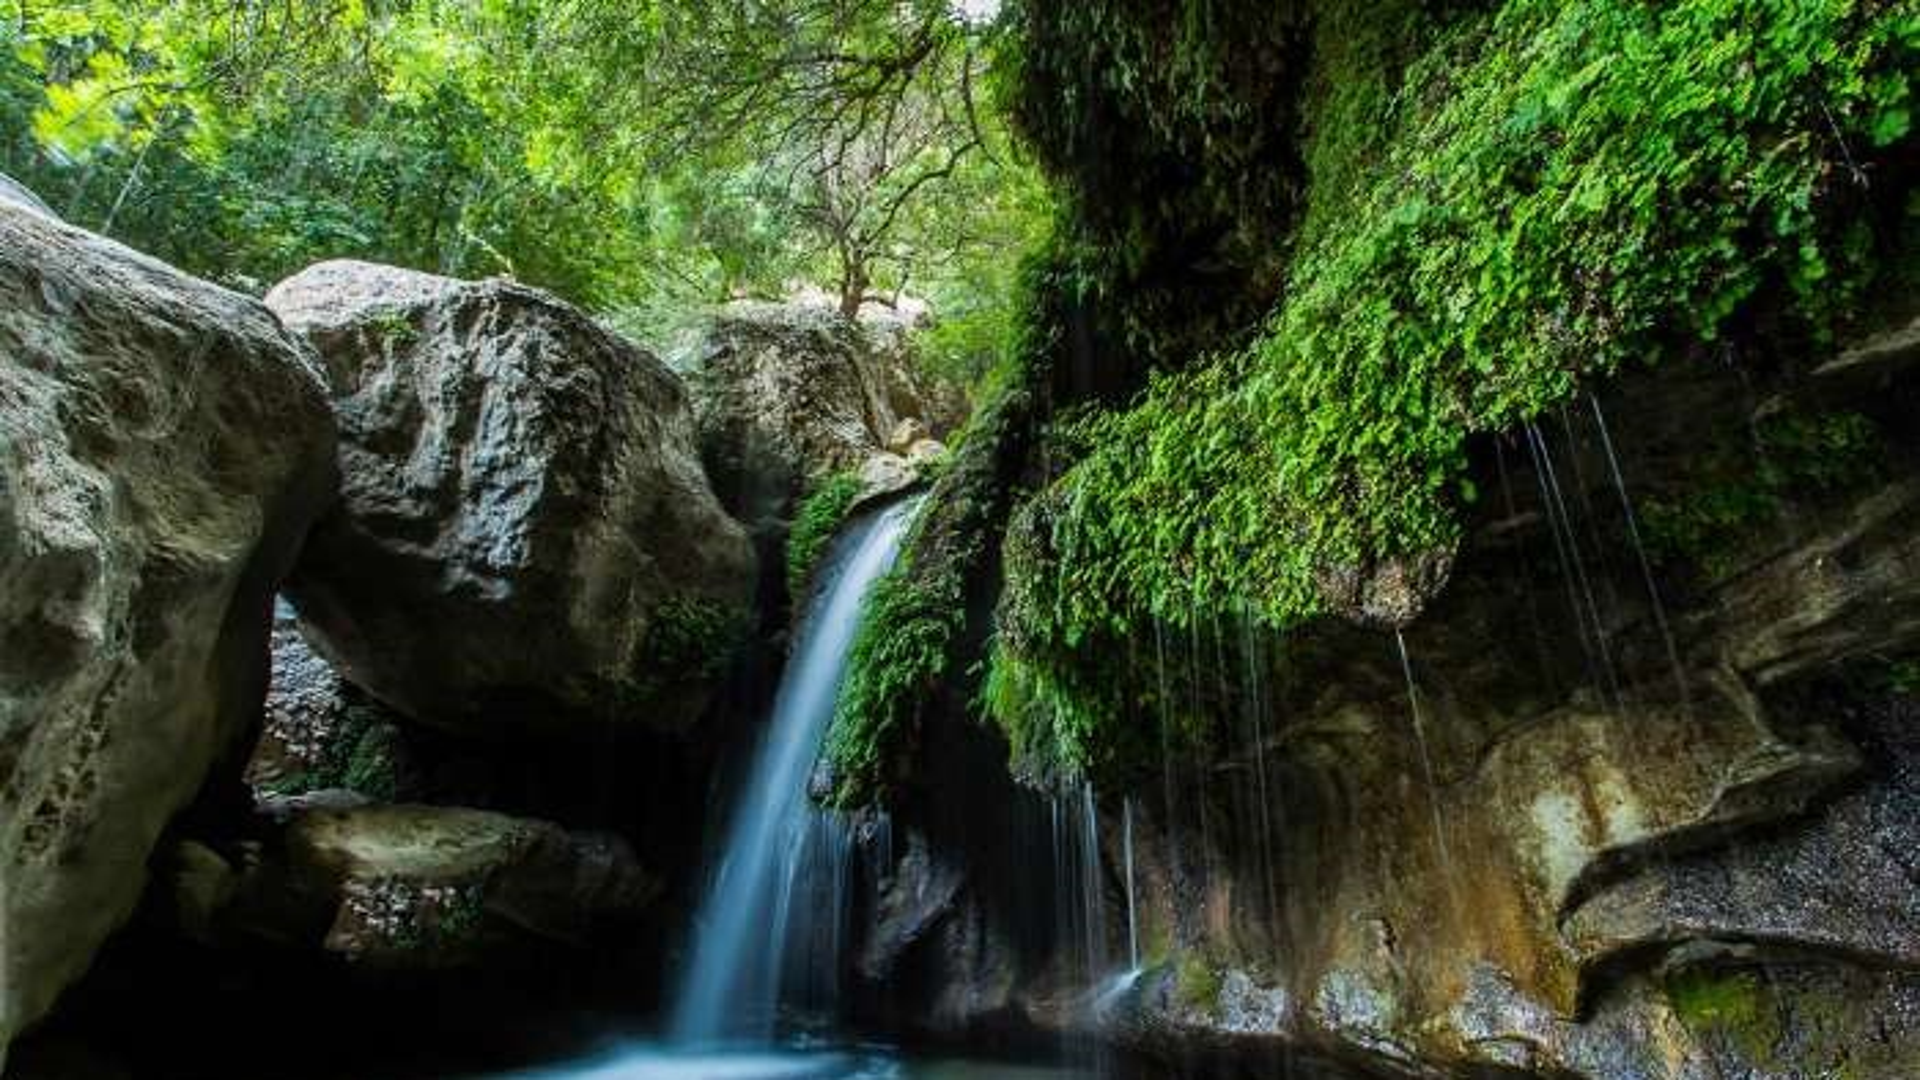 لذت یک روز خاطره انگیز در آبشار تنگ تامرادی یاسوج + فیلم